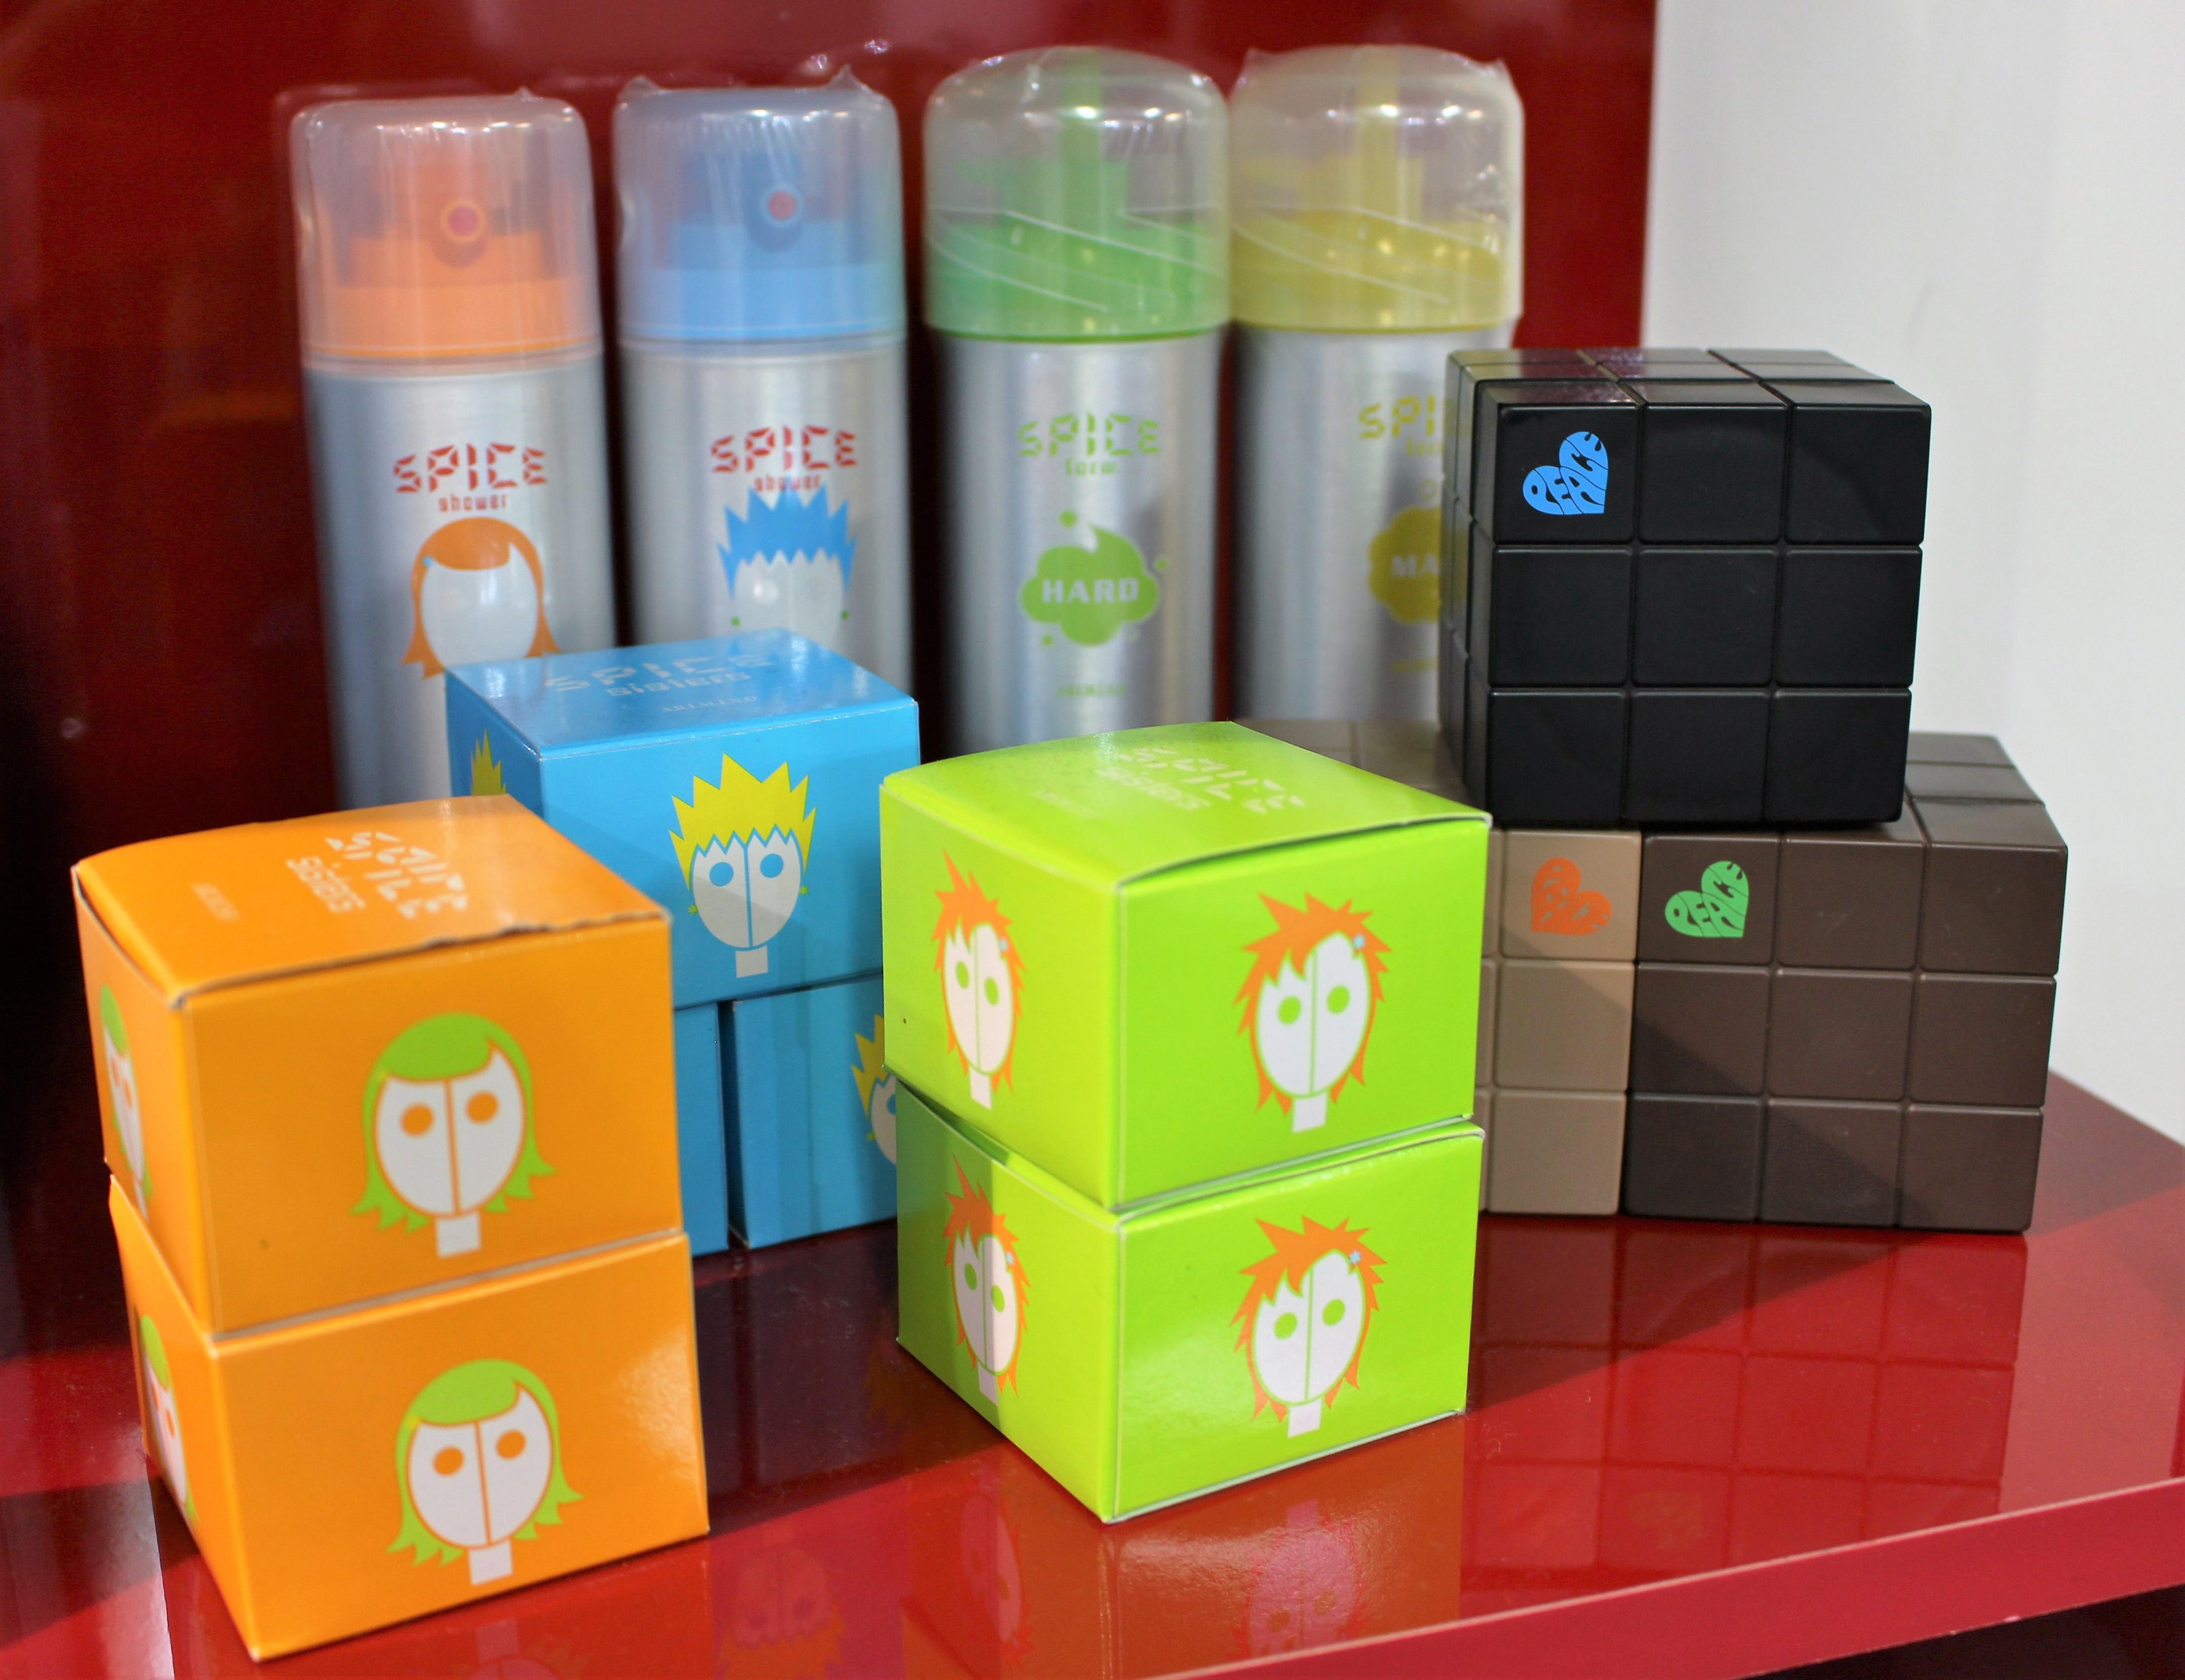 <p>日本製のメンズ用ワックスを多数取り揃えています。</p>